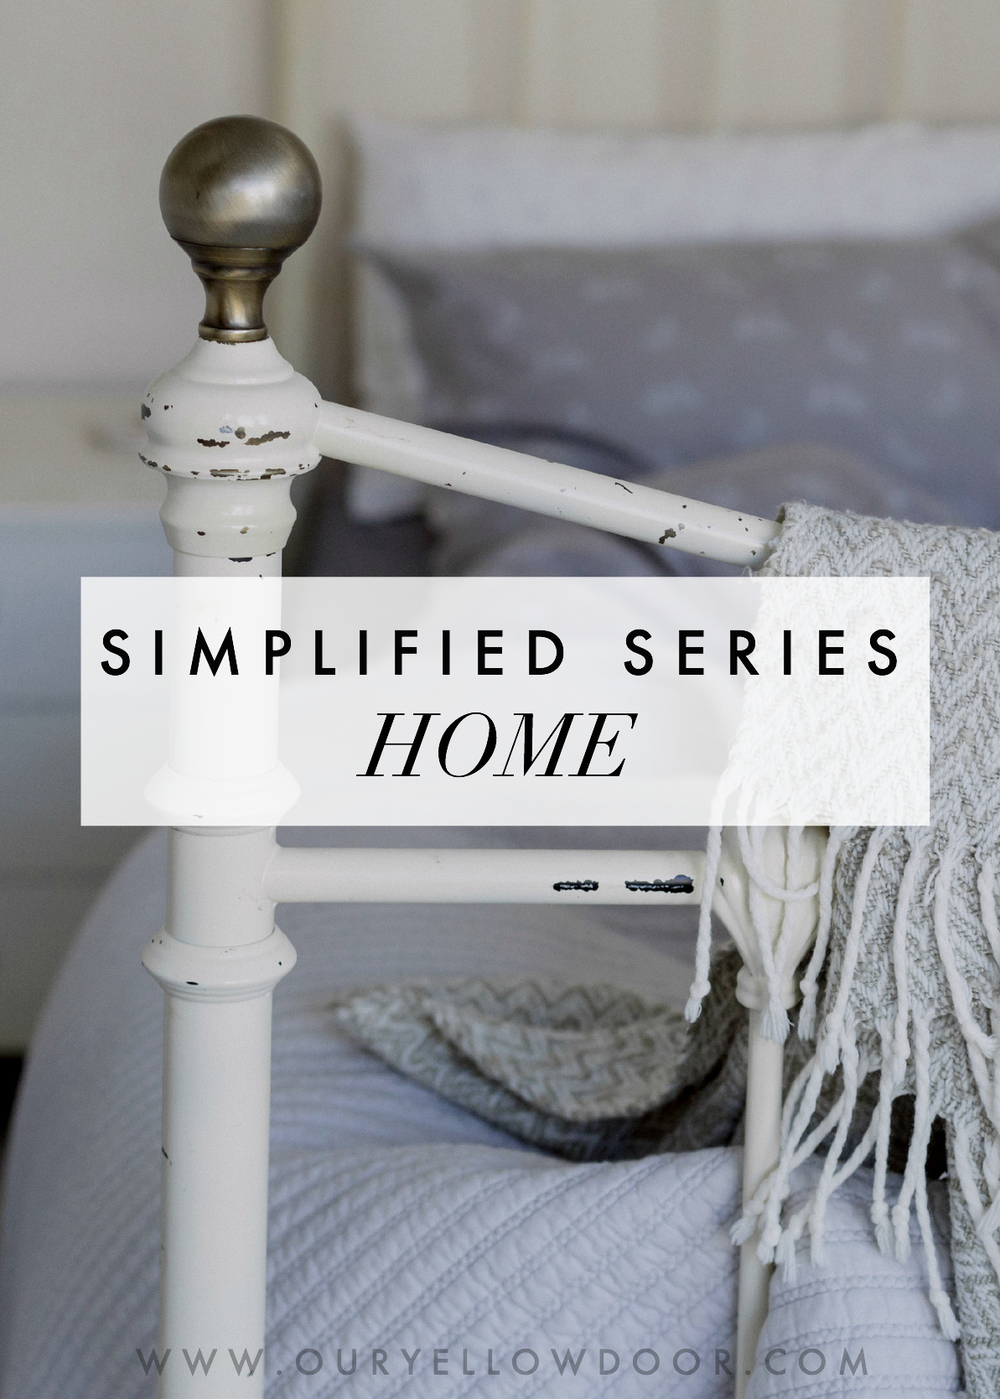 Simplified-Series-Home.jpg